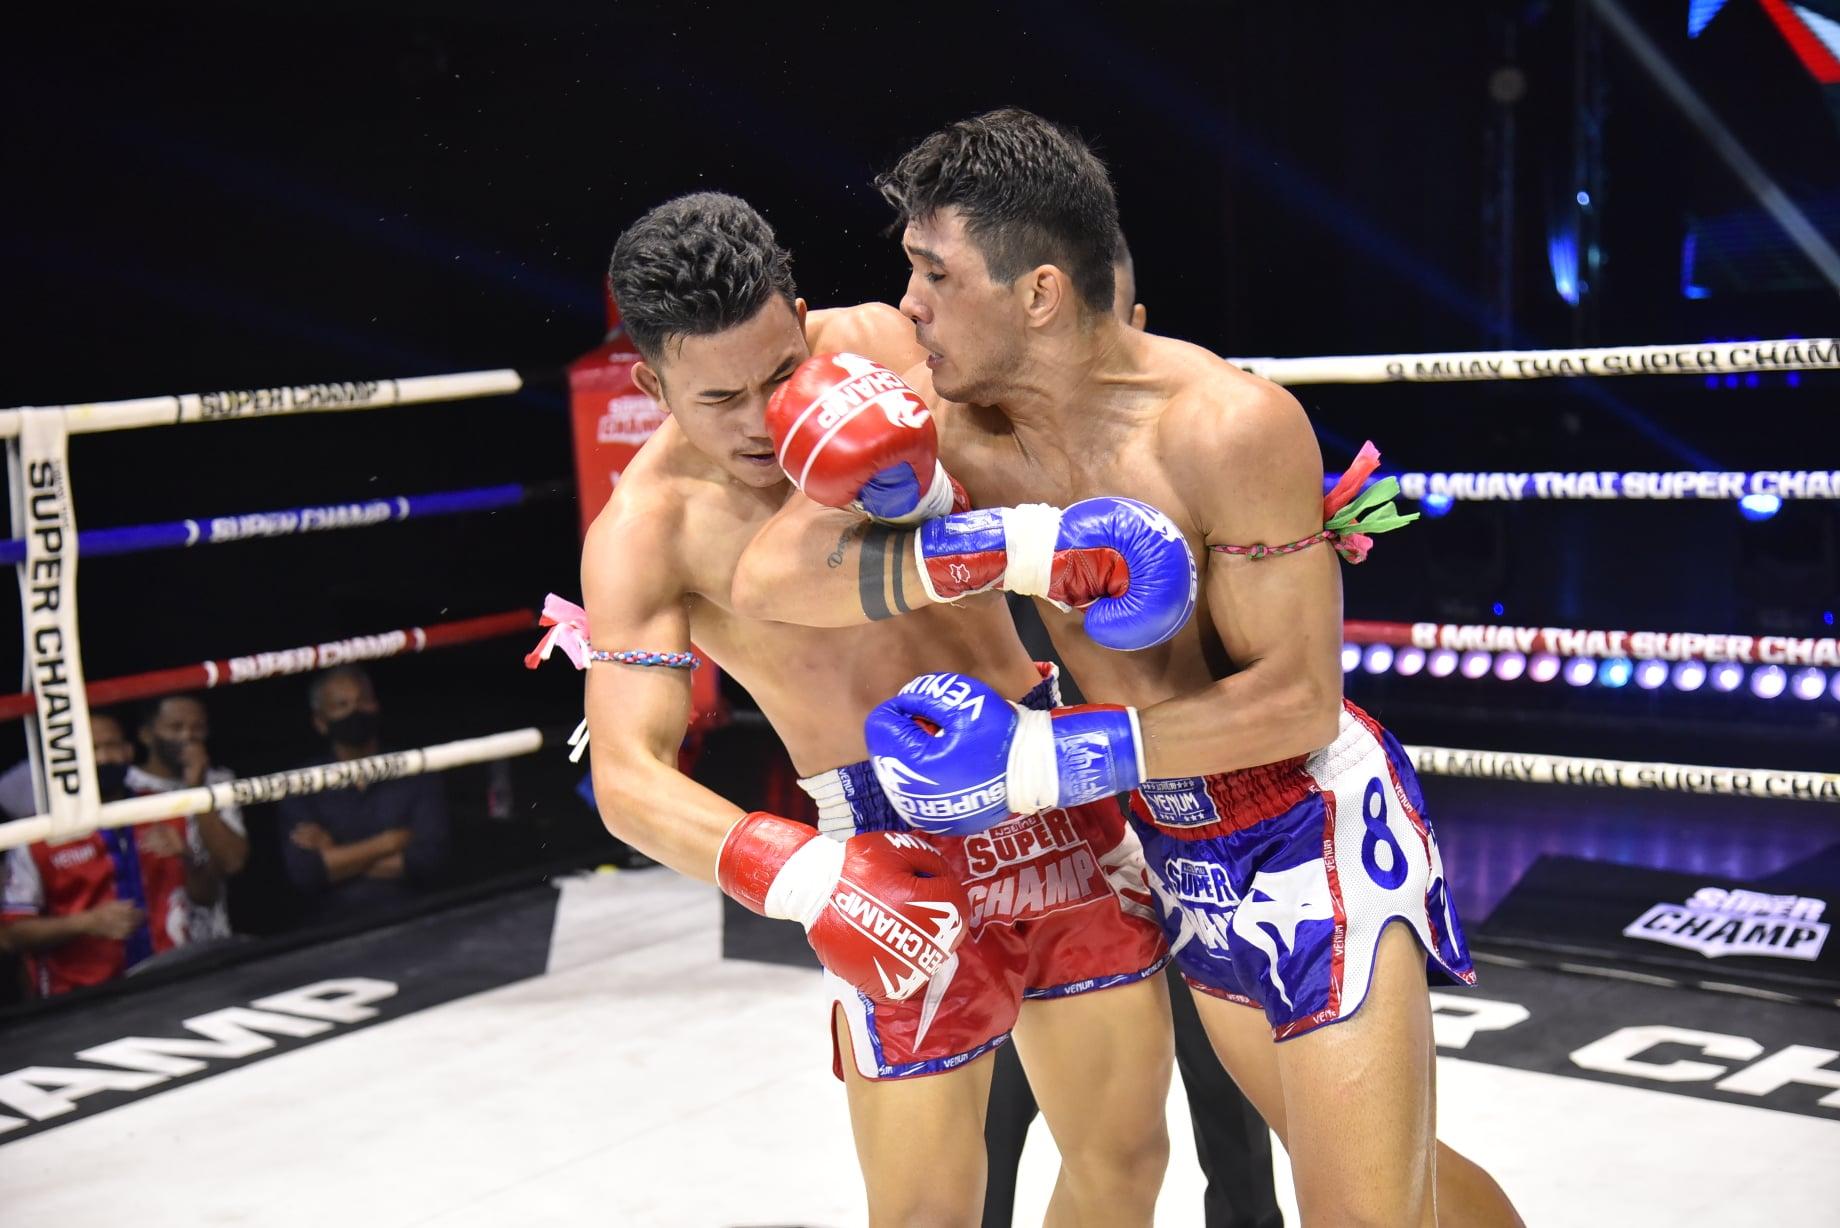 Natã empata na luta principal do Muaythai Super Champ